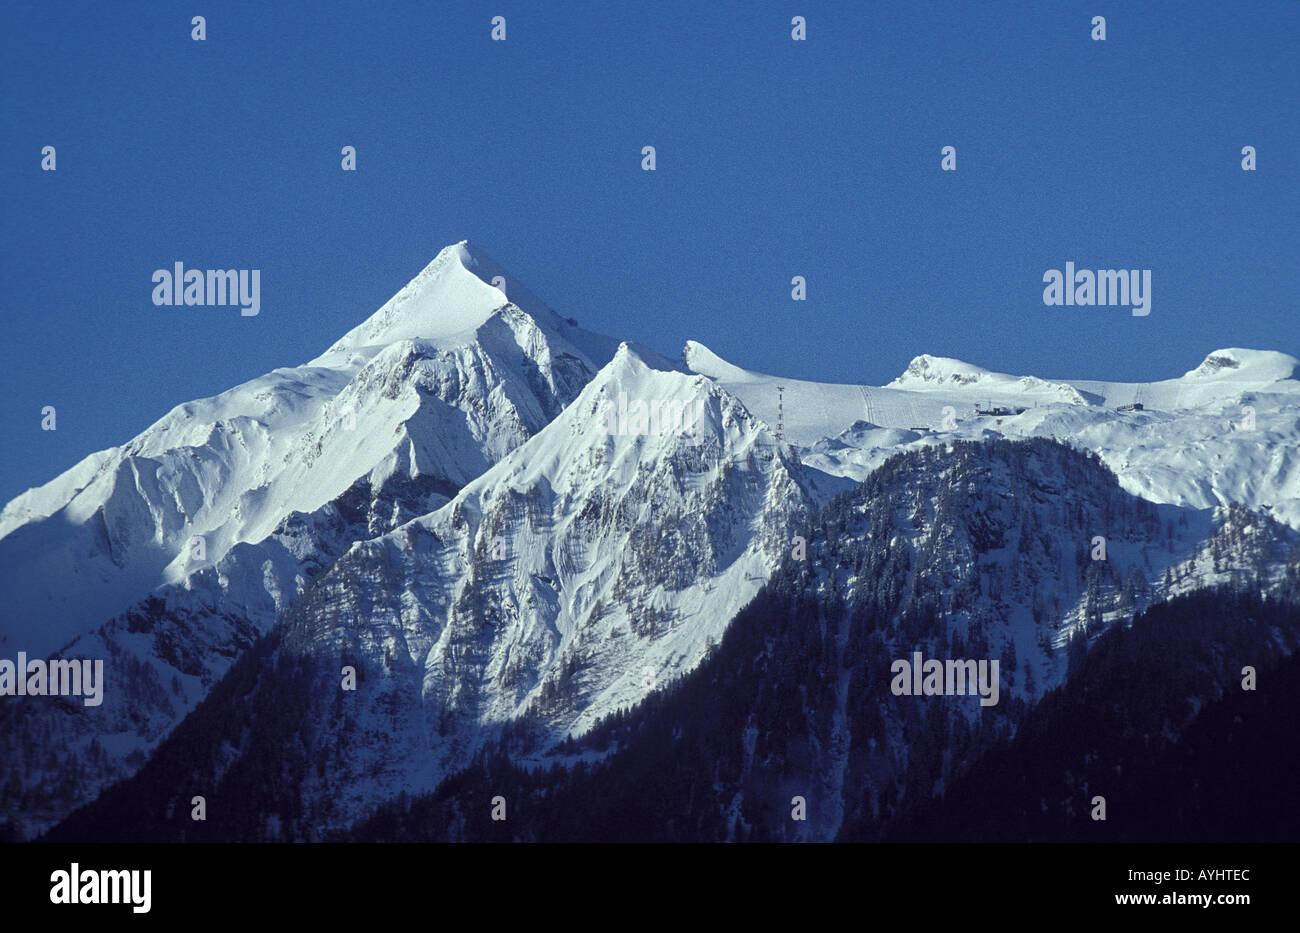 Schneebedeckte Berggipfel - Stock Image